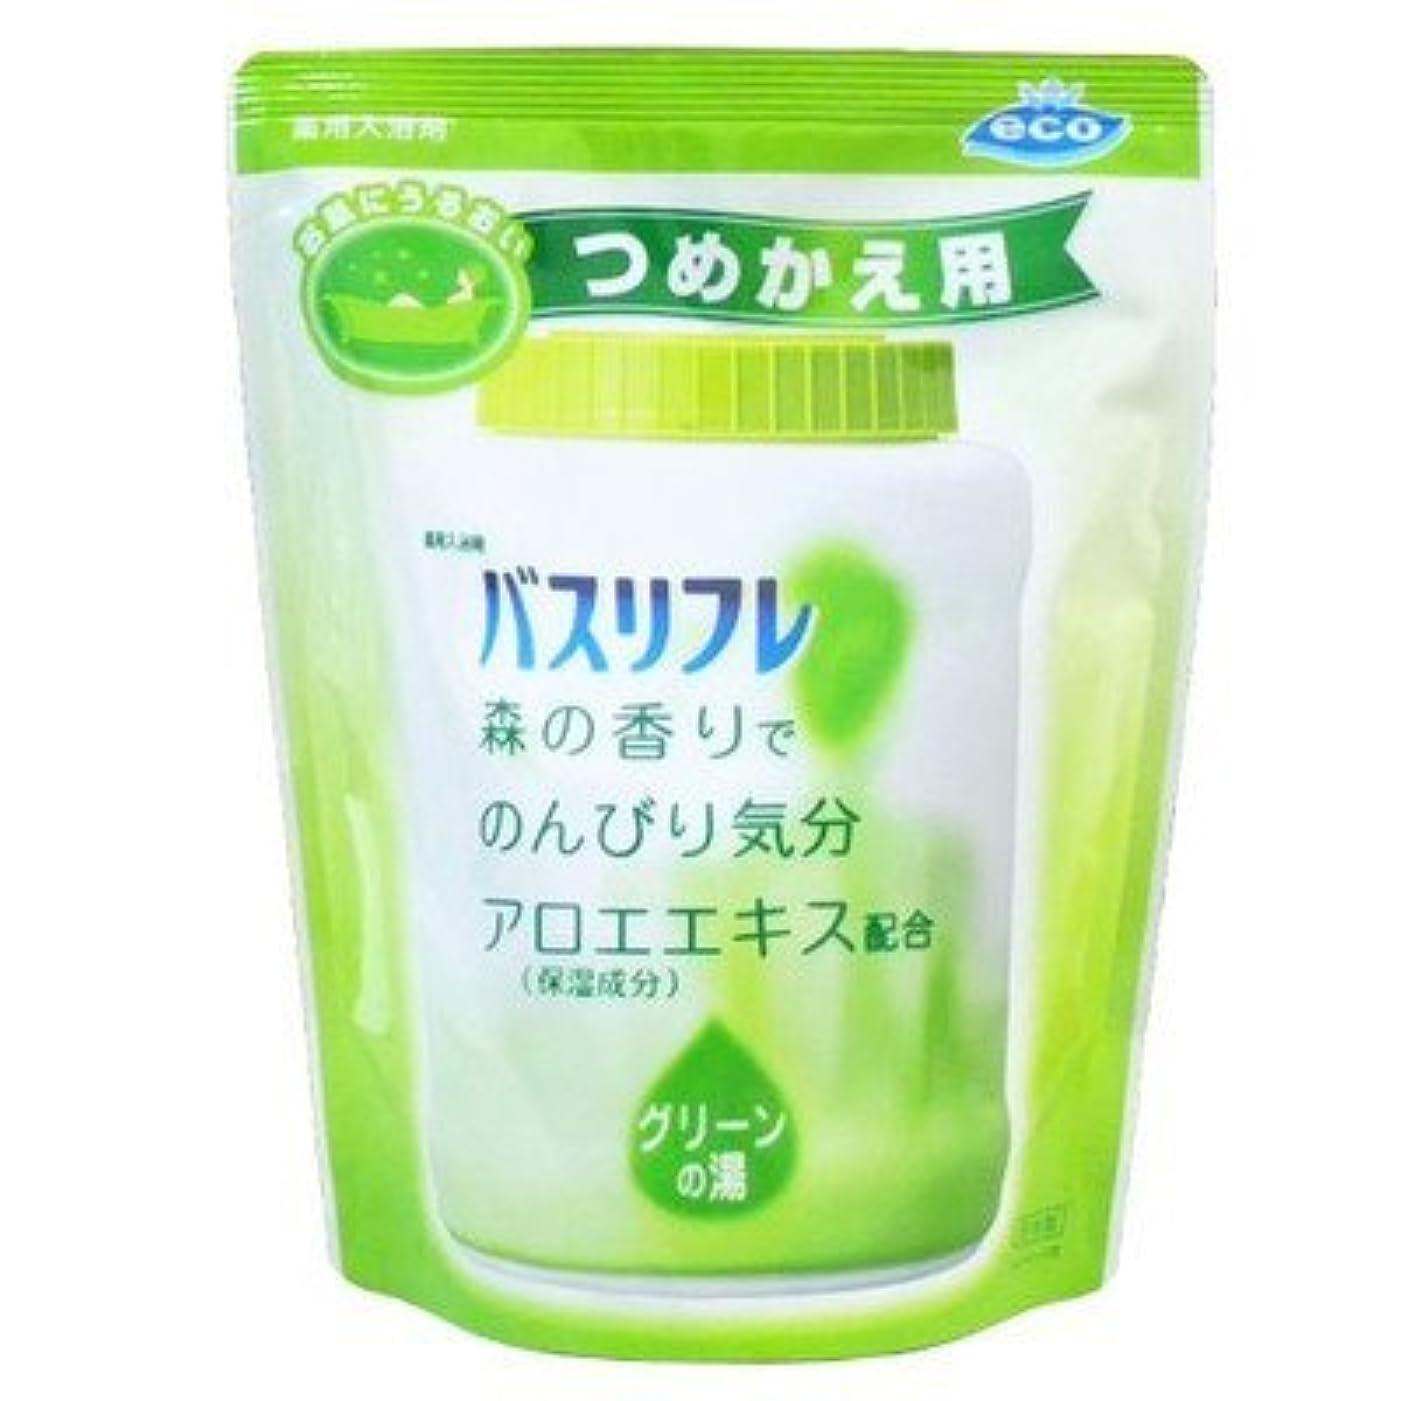 幸運フロント掃く薬用入浴剤 バスリフレ グリーンの湯 つめかえ用 540g 森の香り (ライオンケミカル) Japan